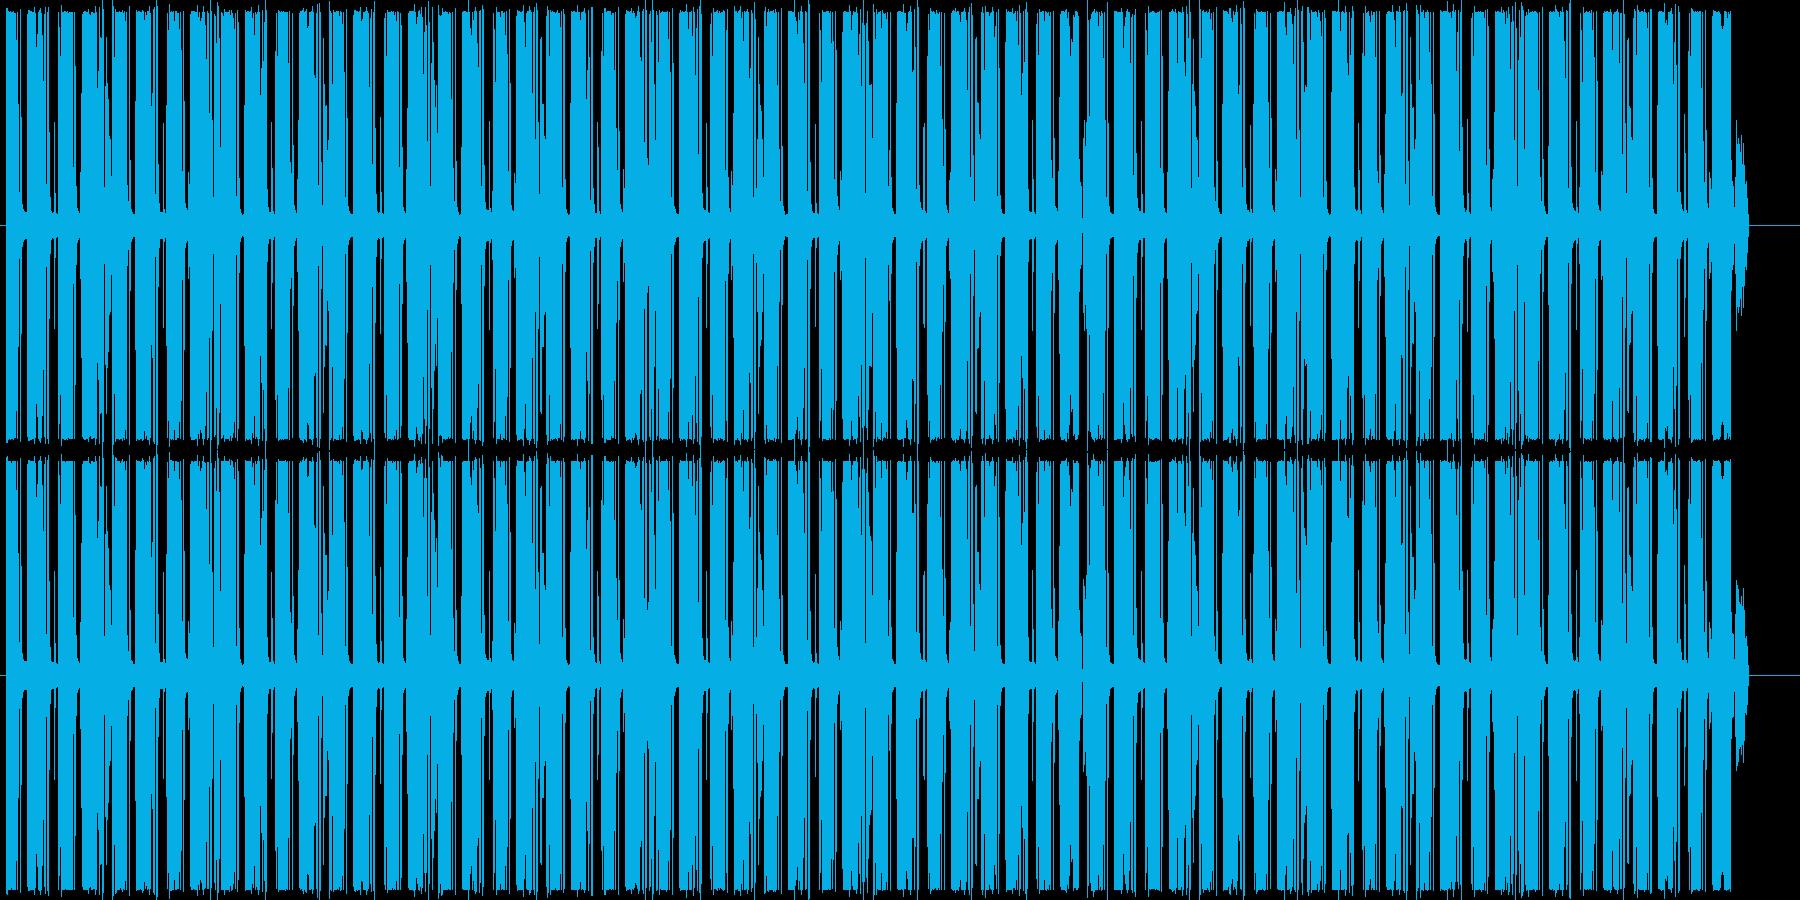 シンキングタイムなど 怪しいループBGMの再生済みの波形